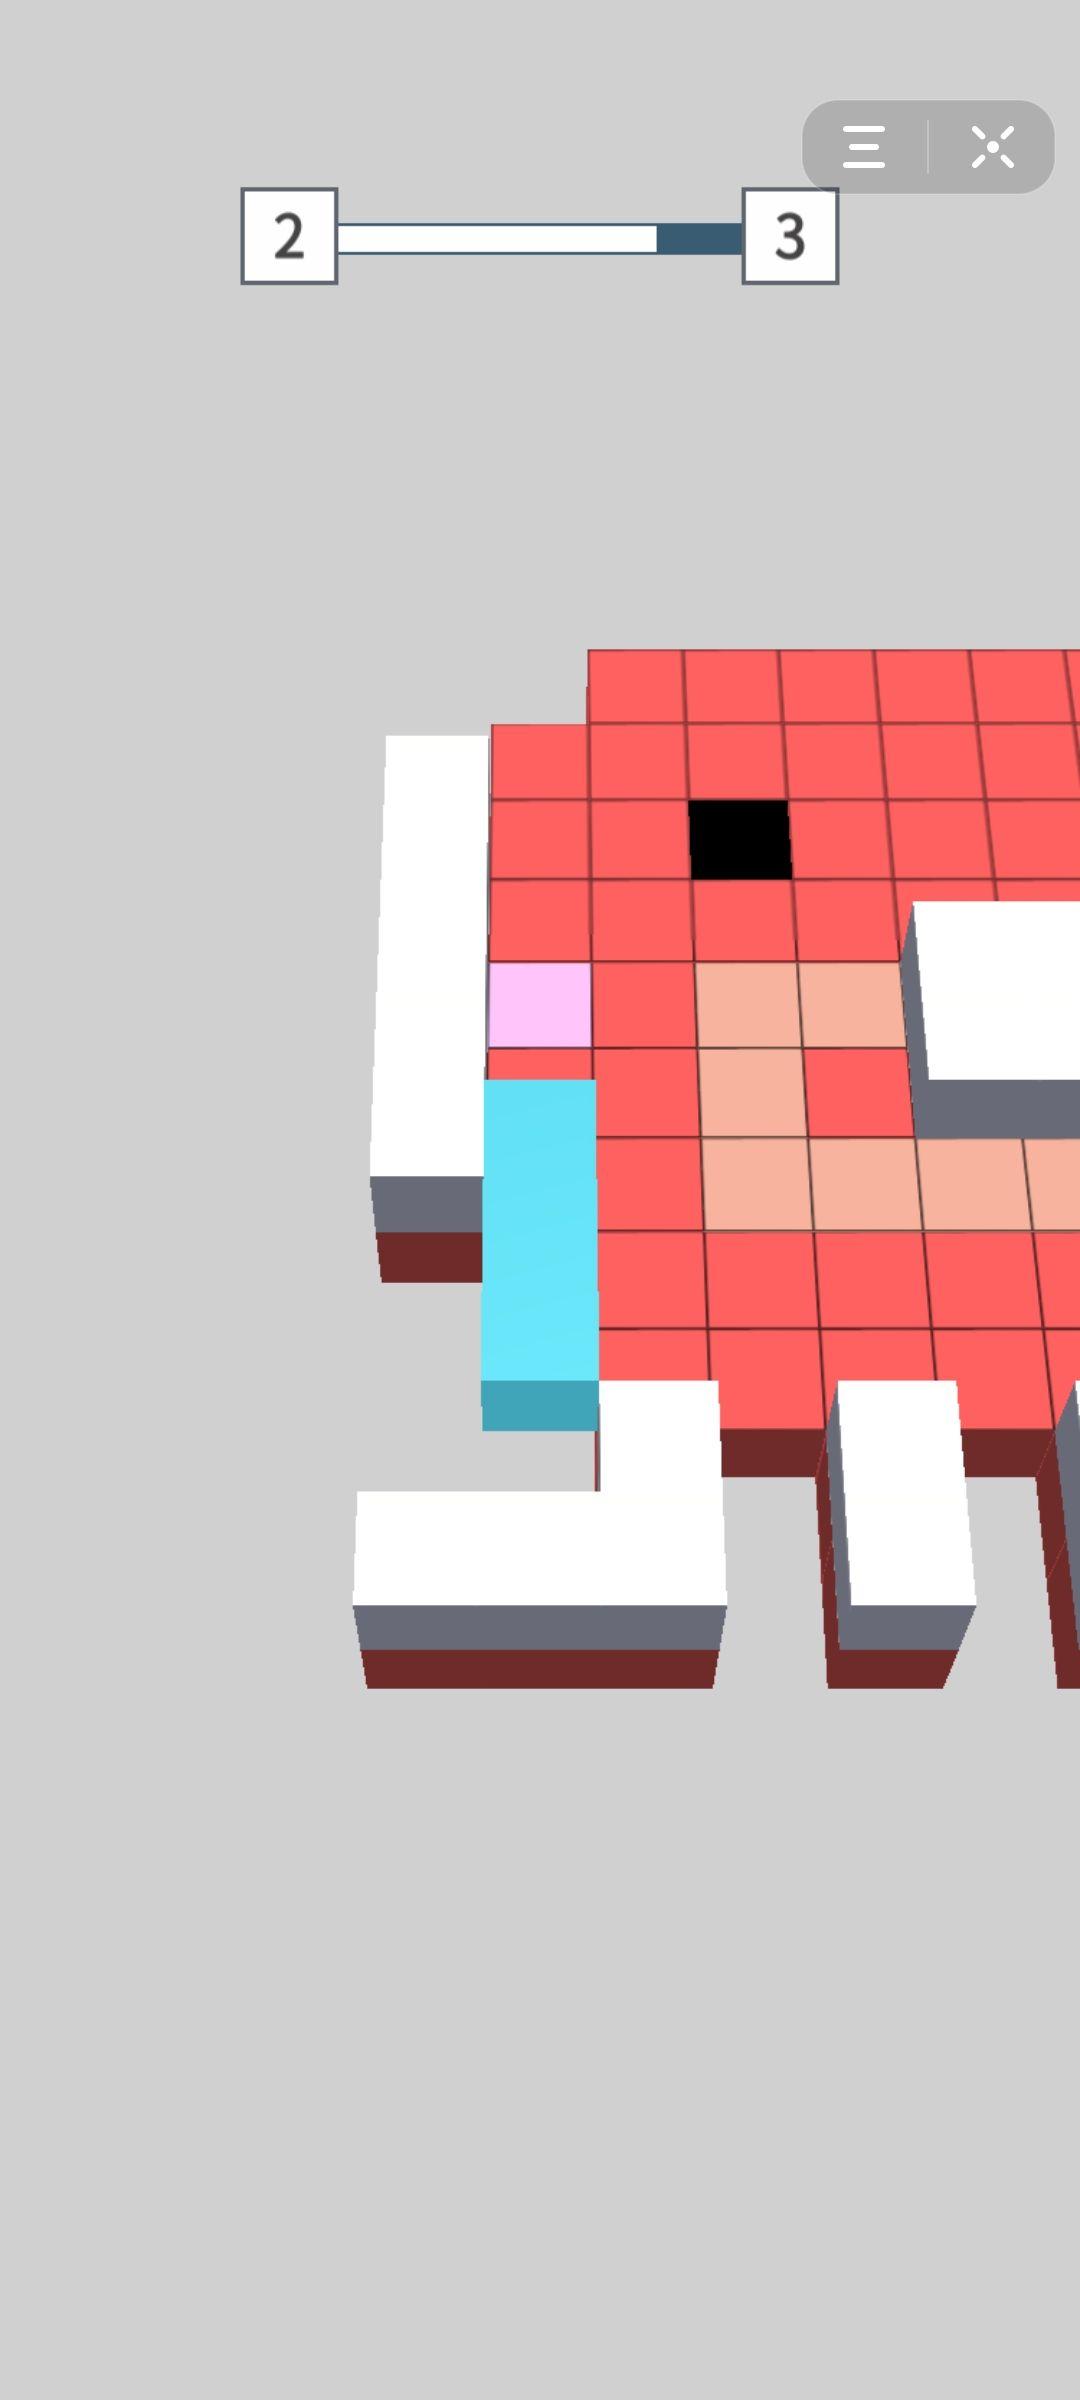 抖音小程序方块翻翻乐游戏安卓版图1: